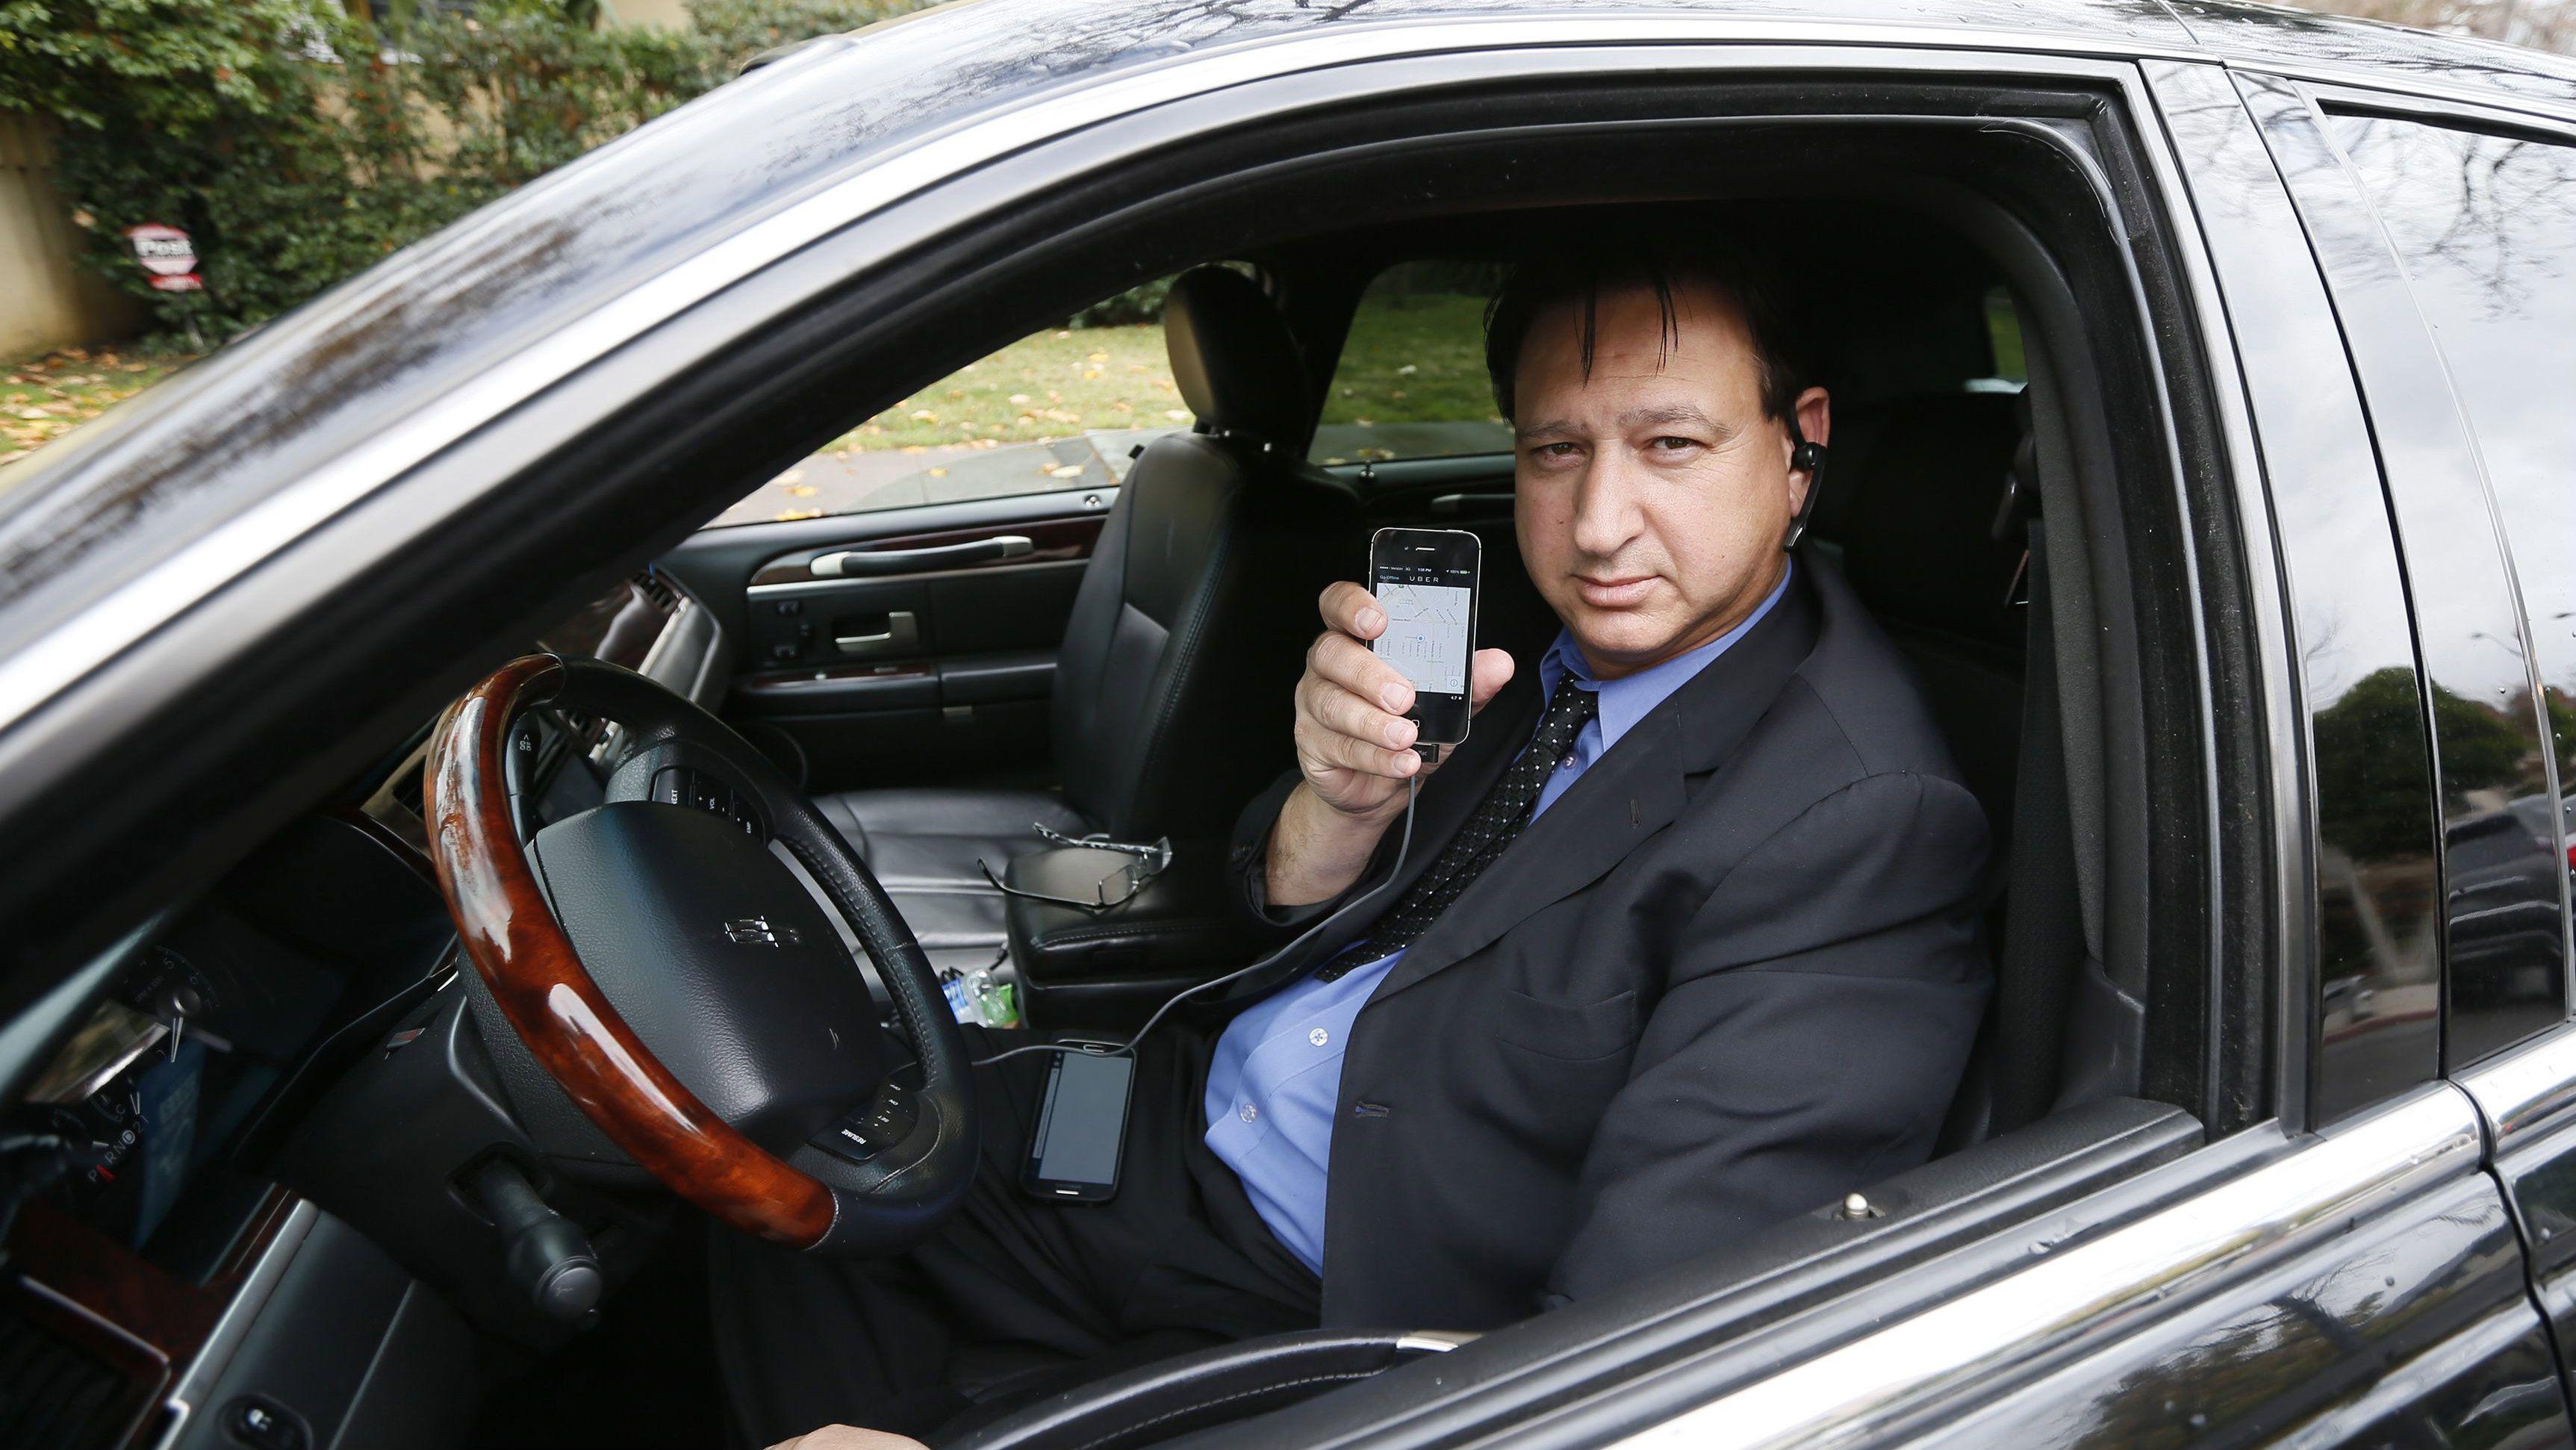 Uber driver driver Shuki Zanna